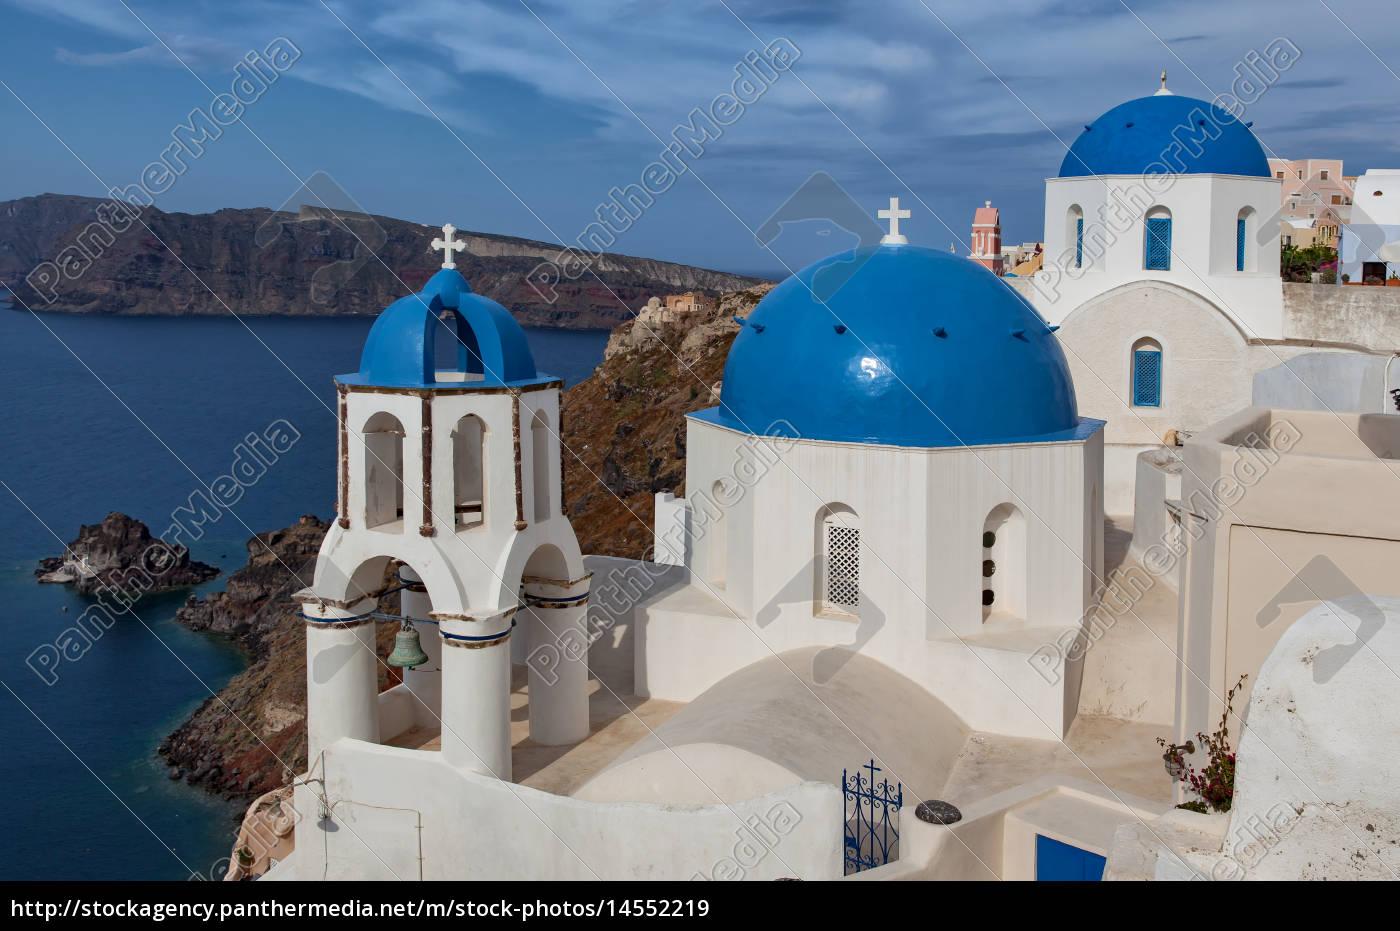 cúpulas, azuis - 14552219